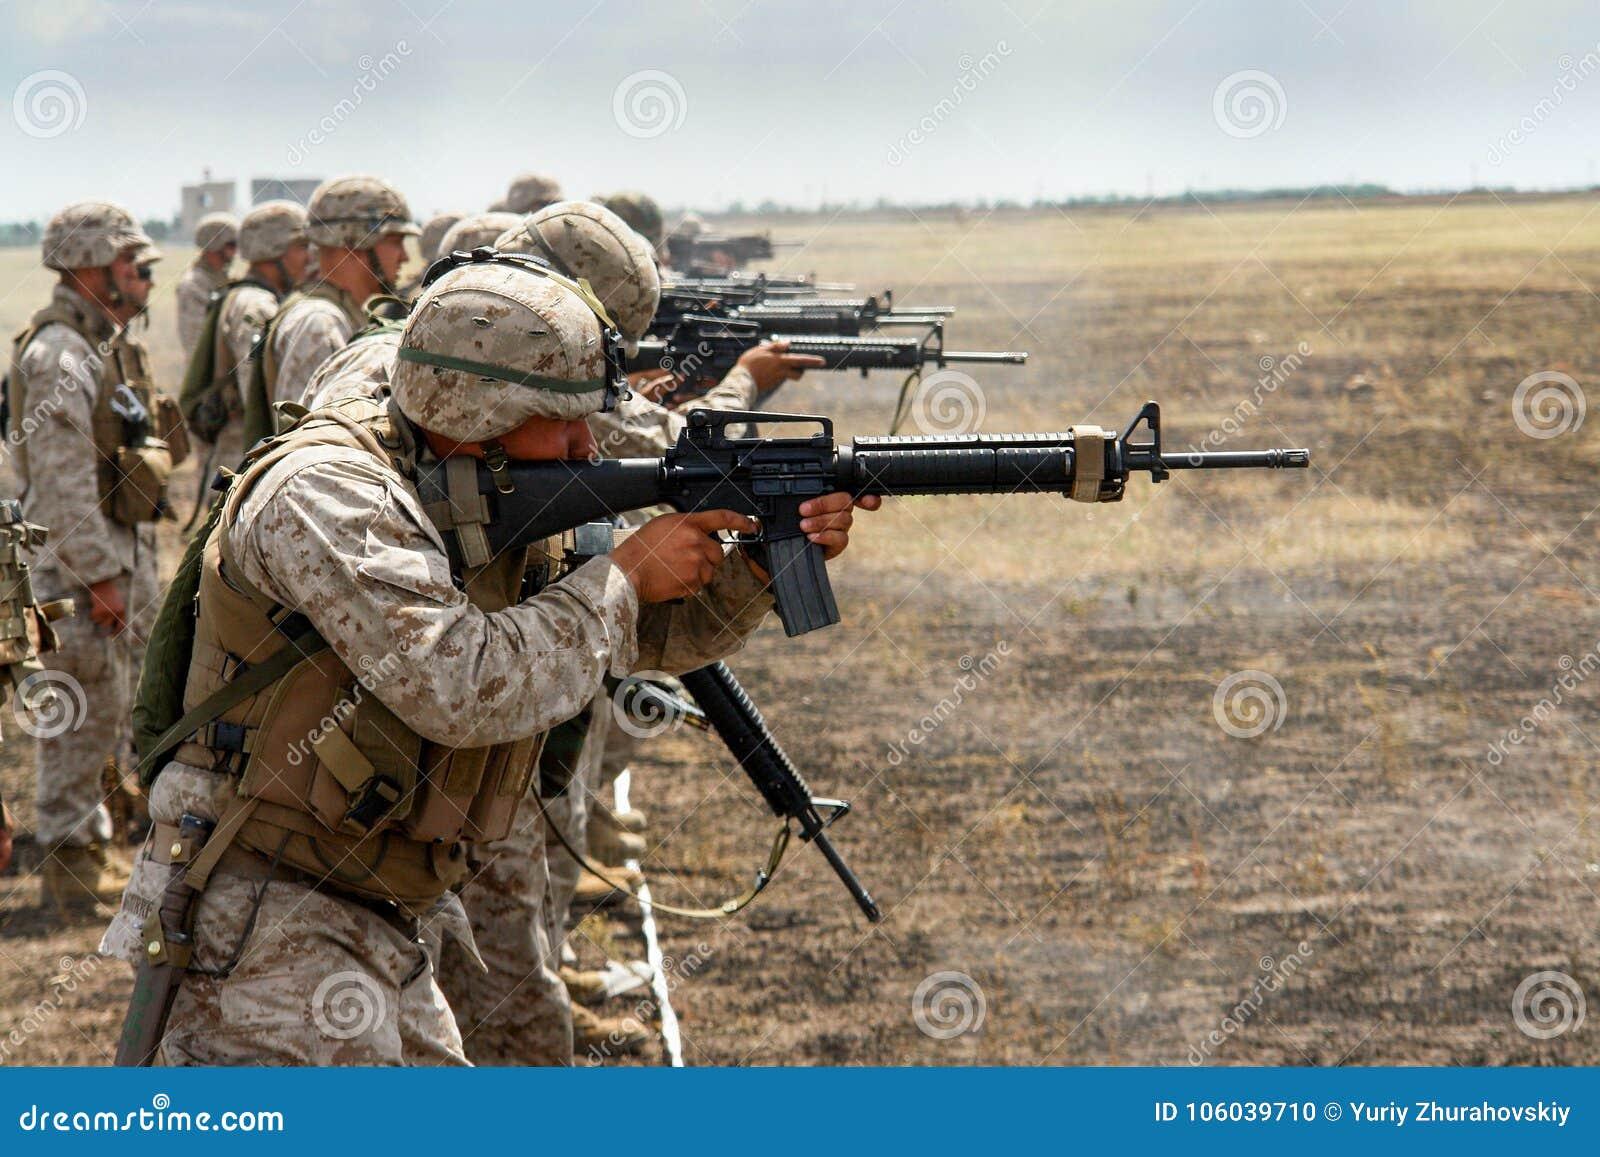 De Marine van de V.S. op een levende het schieten waaier opleiding